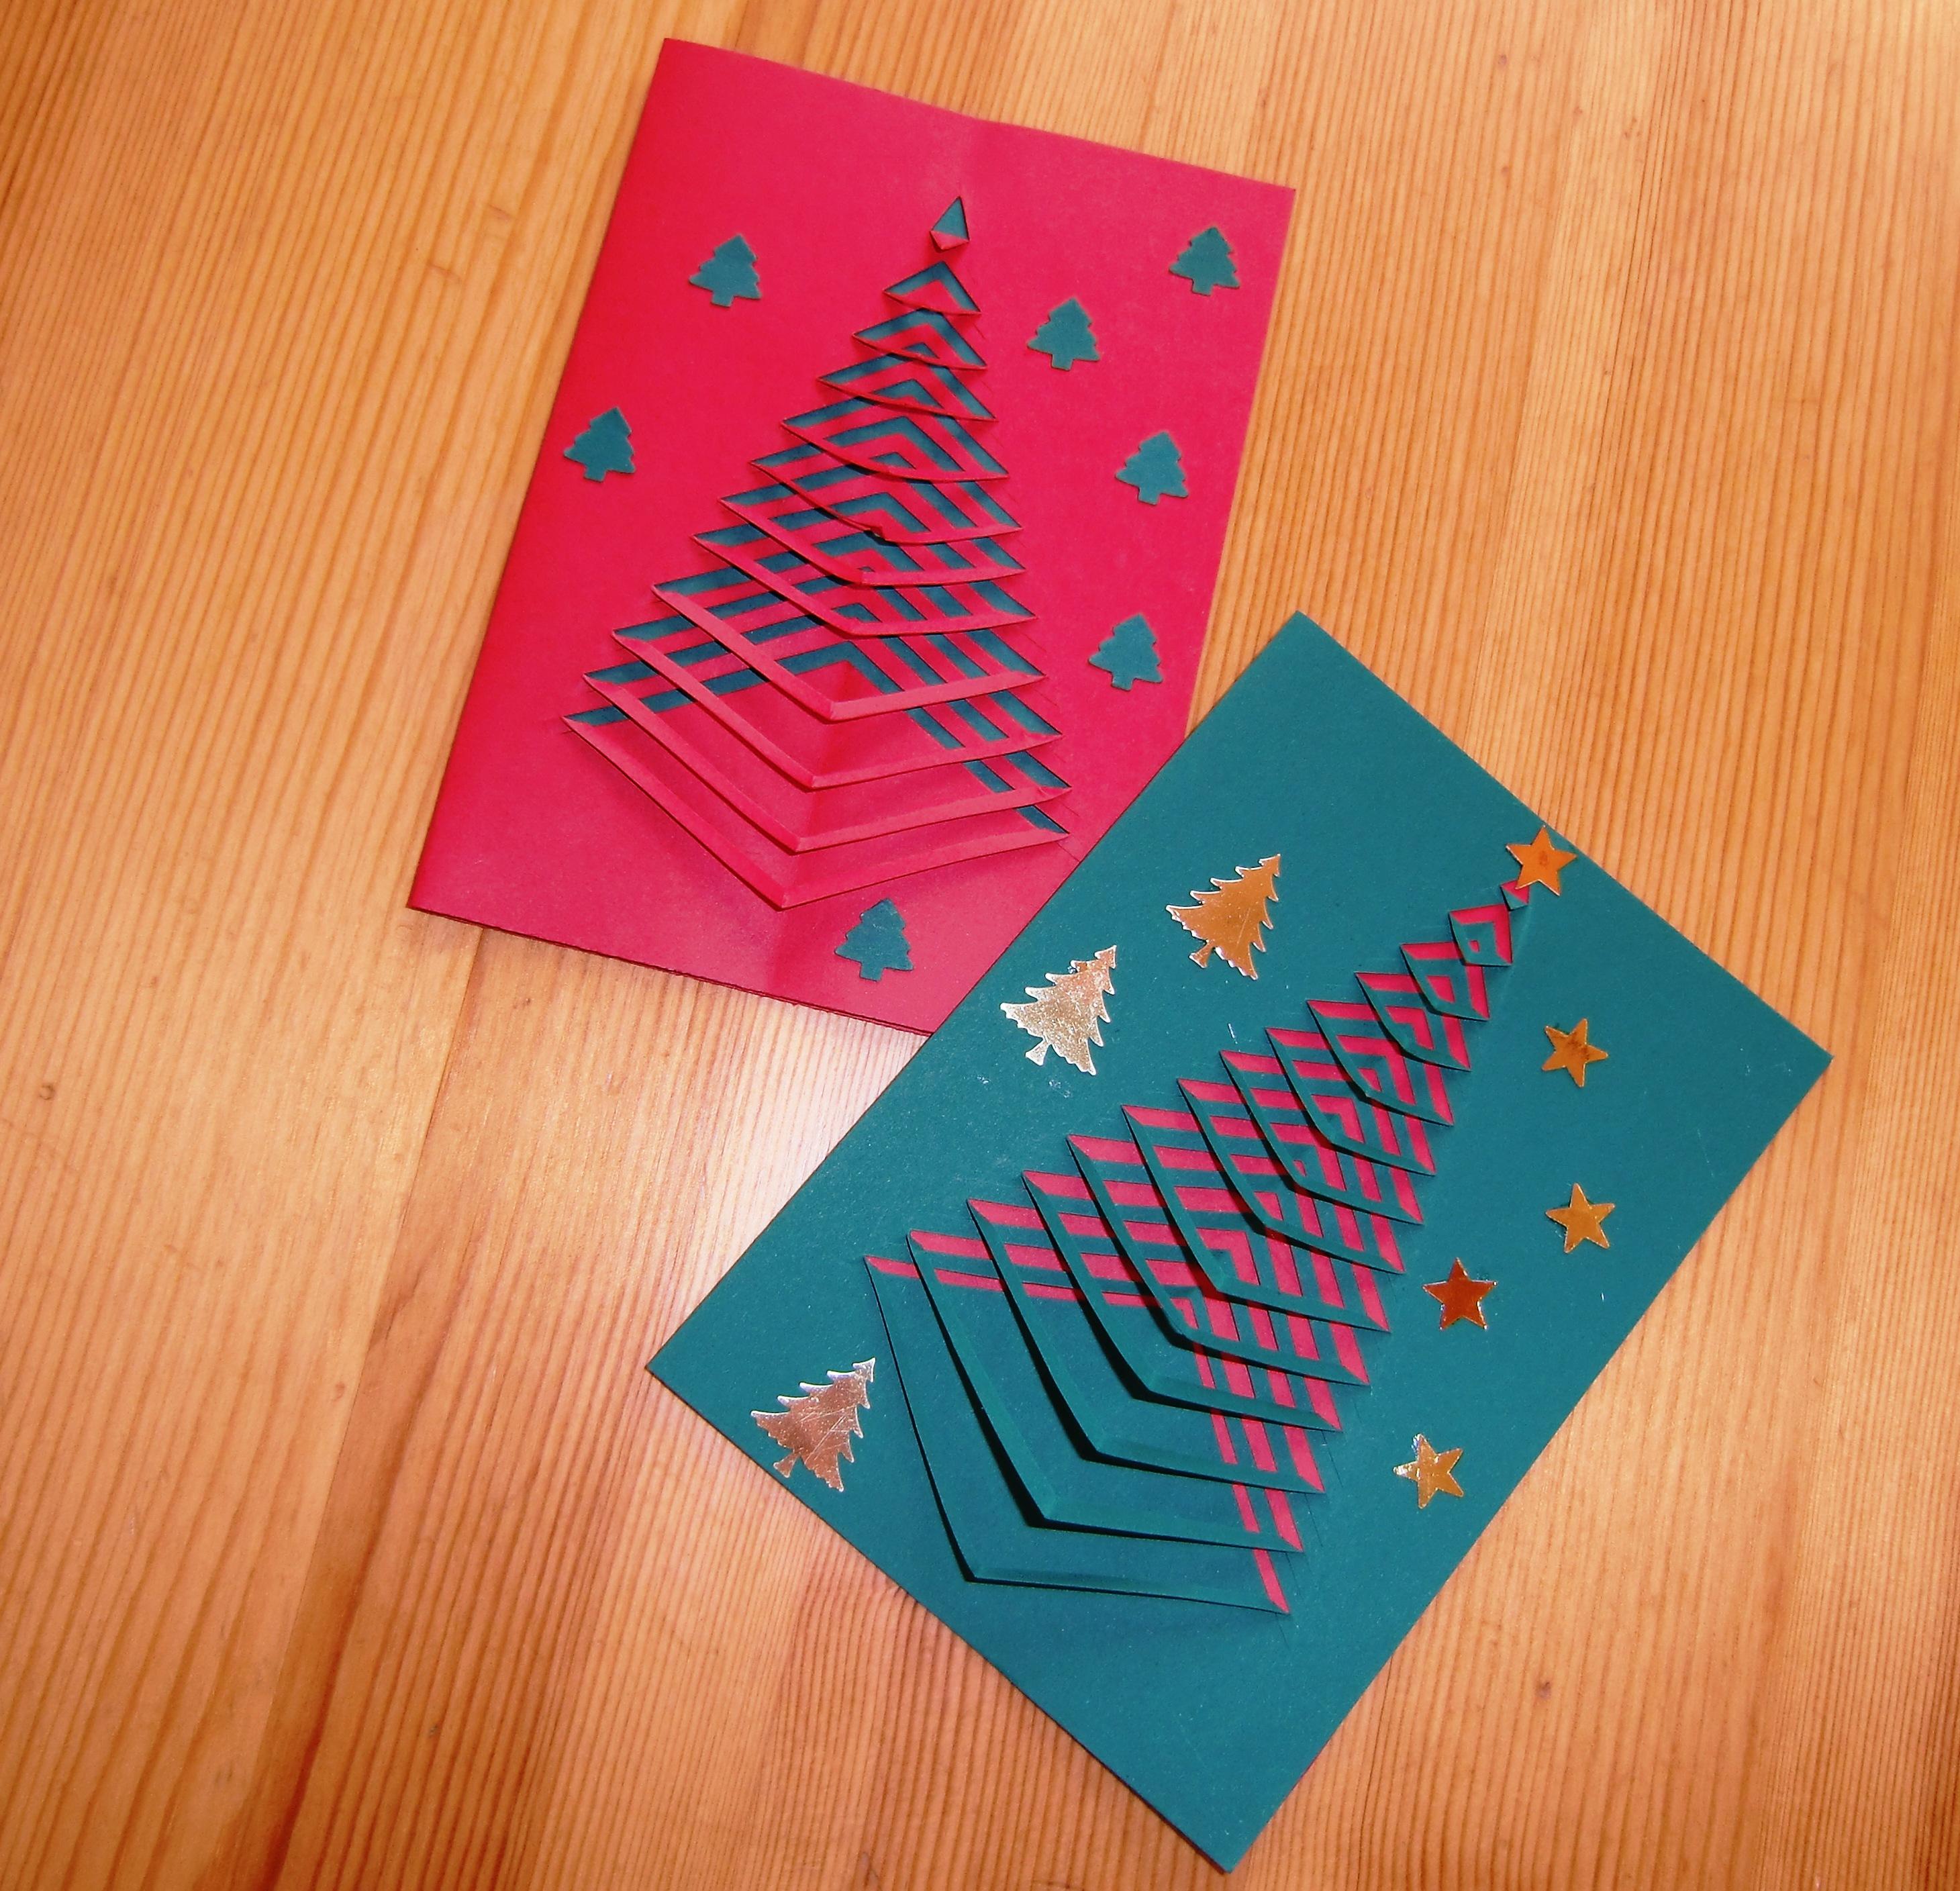 Weihnachtskarten selbermachen weihnachten karten basteln for Originelle weihnachtskarten